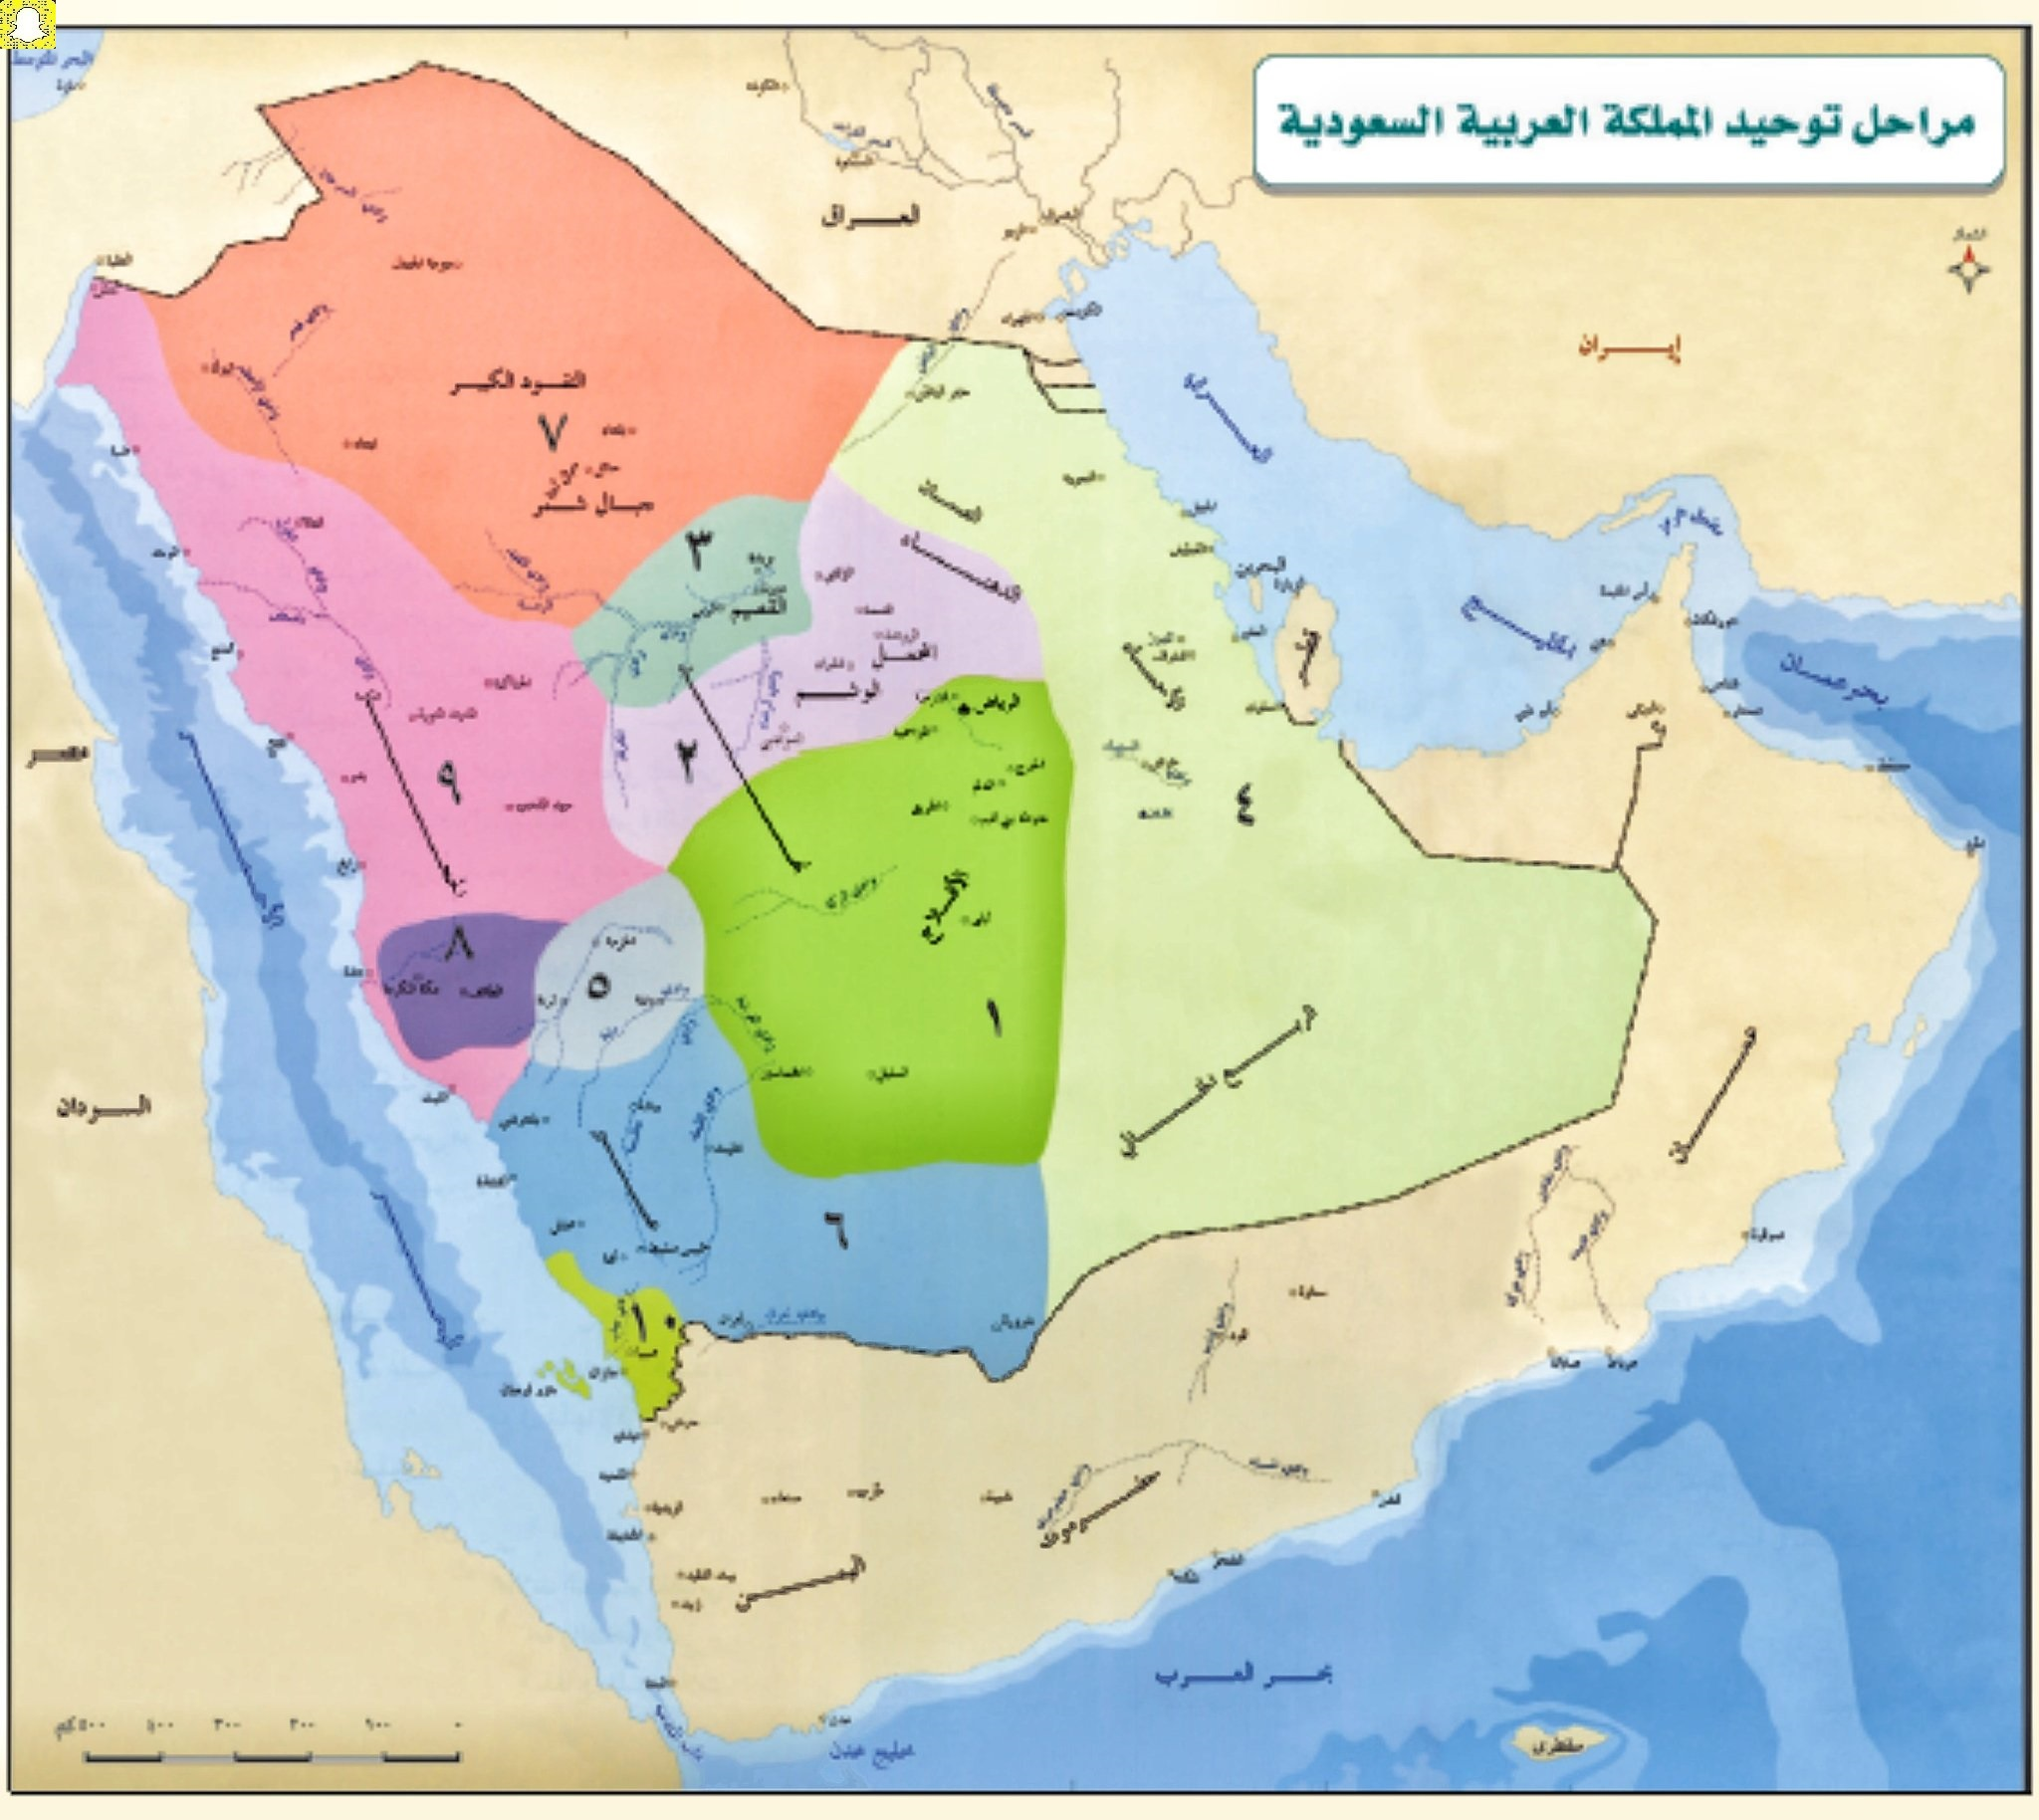 مراحل توحيد المملكة العربية السعودية بنظرة تاريخية زيادة